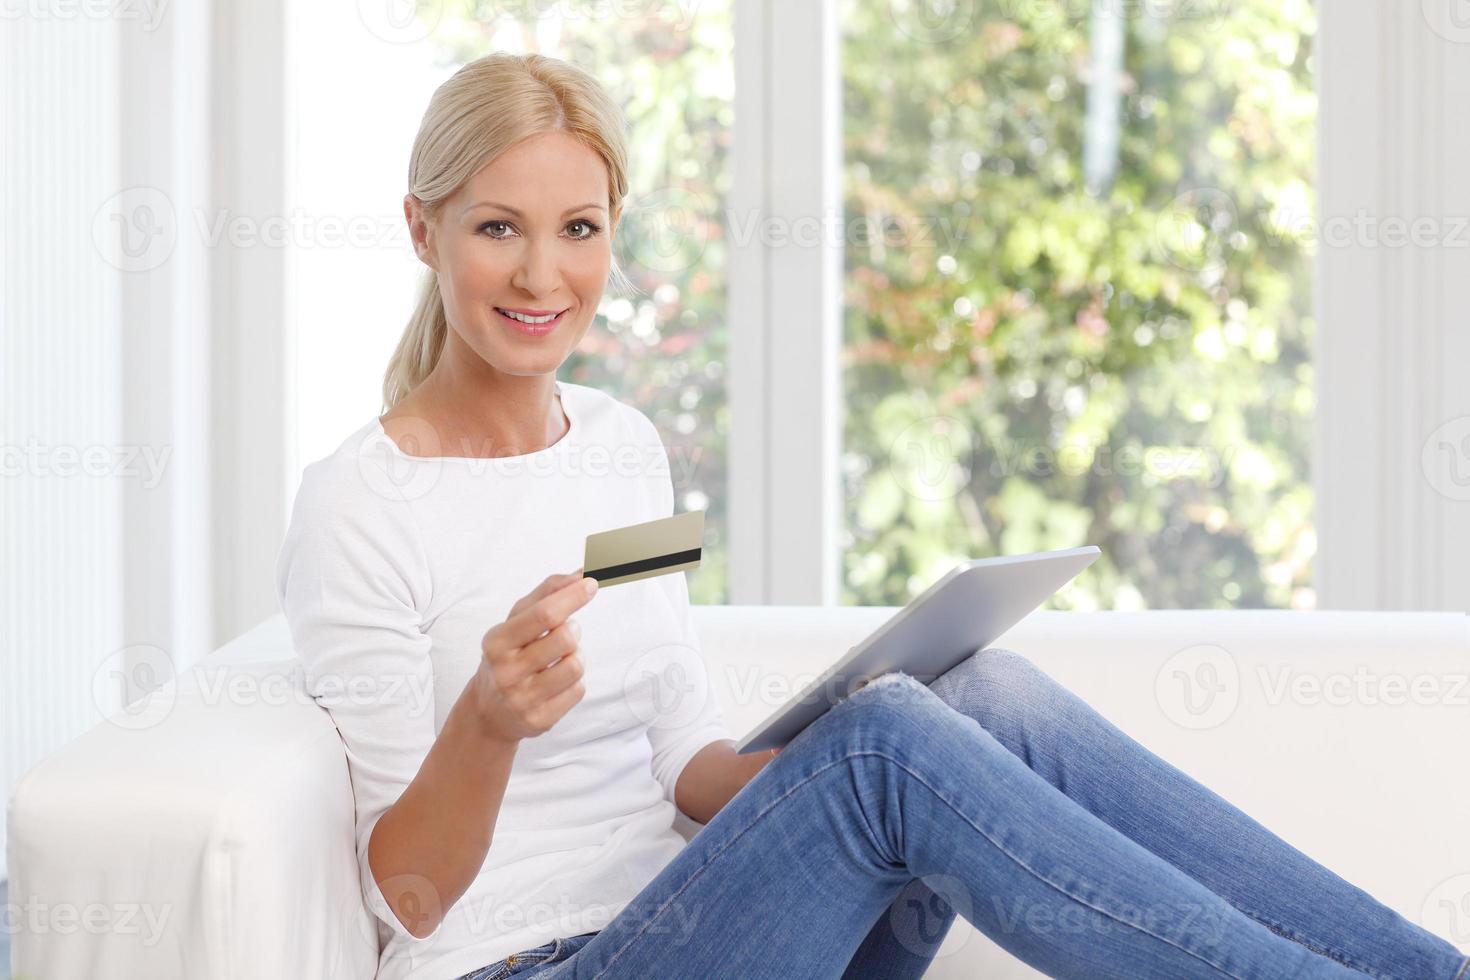 achats en ligne avec carte de crédit photo